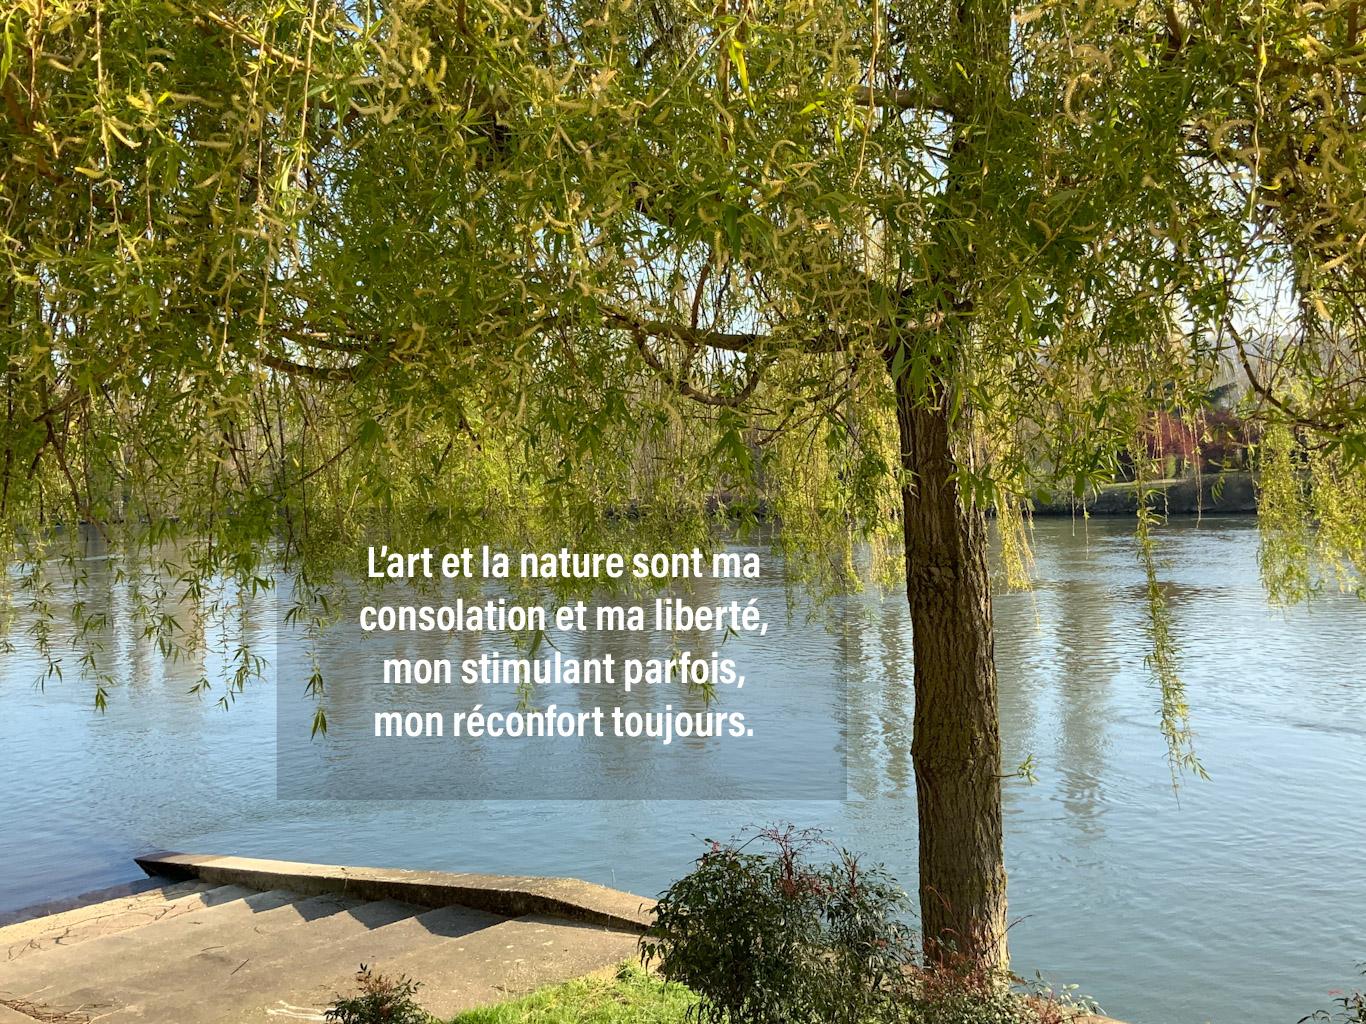 Citation - art et nature